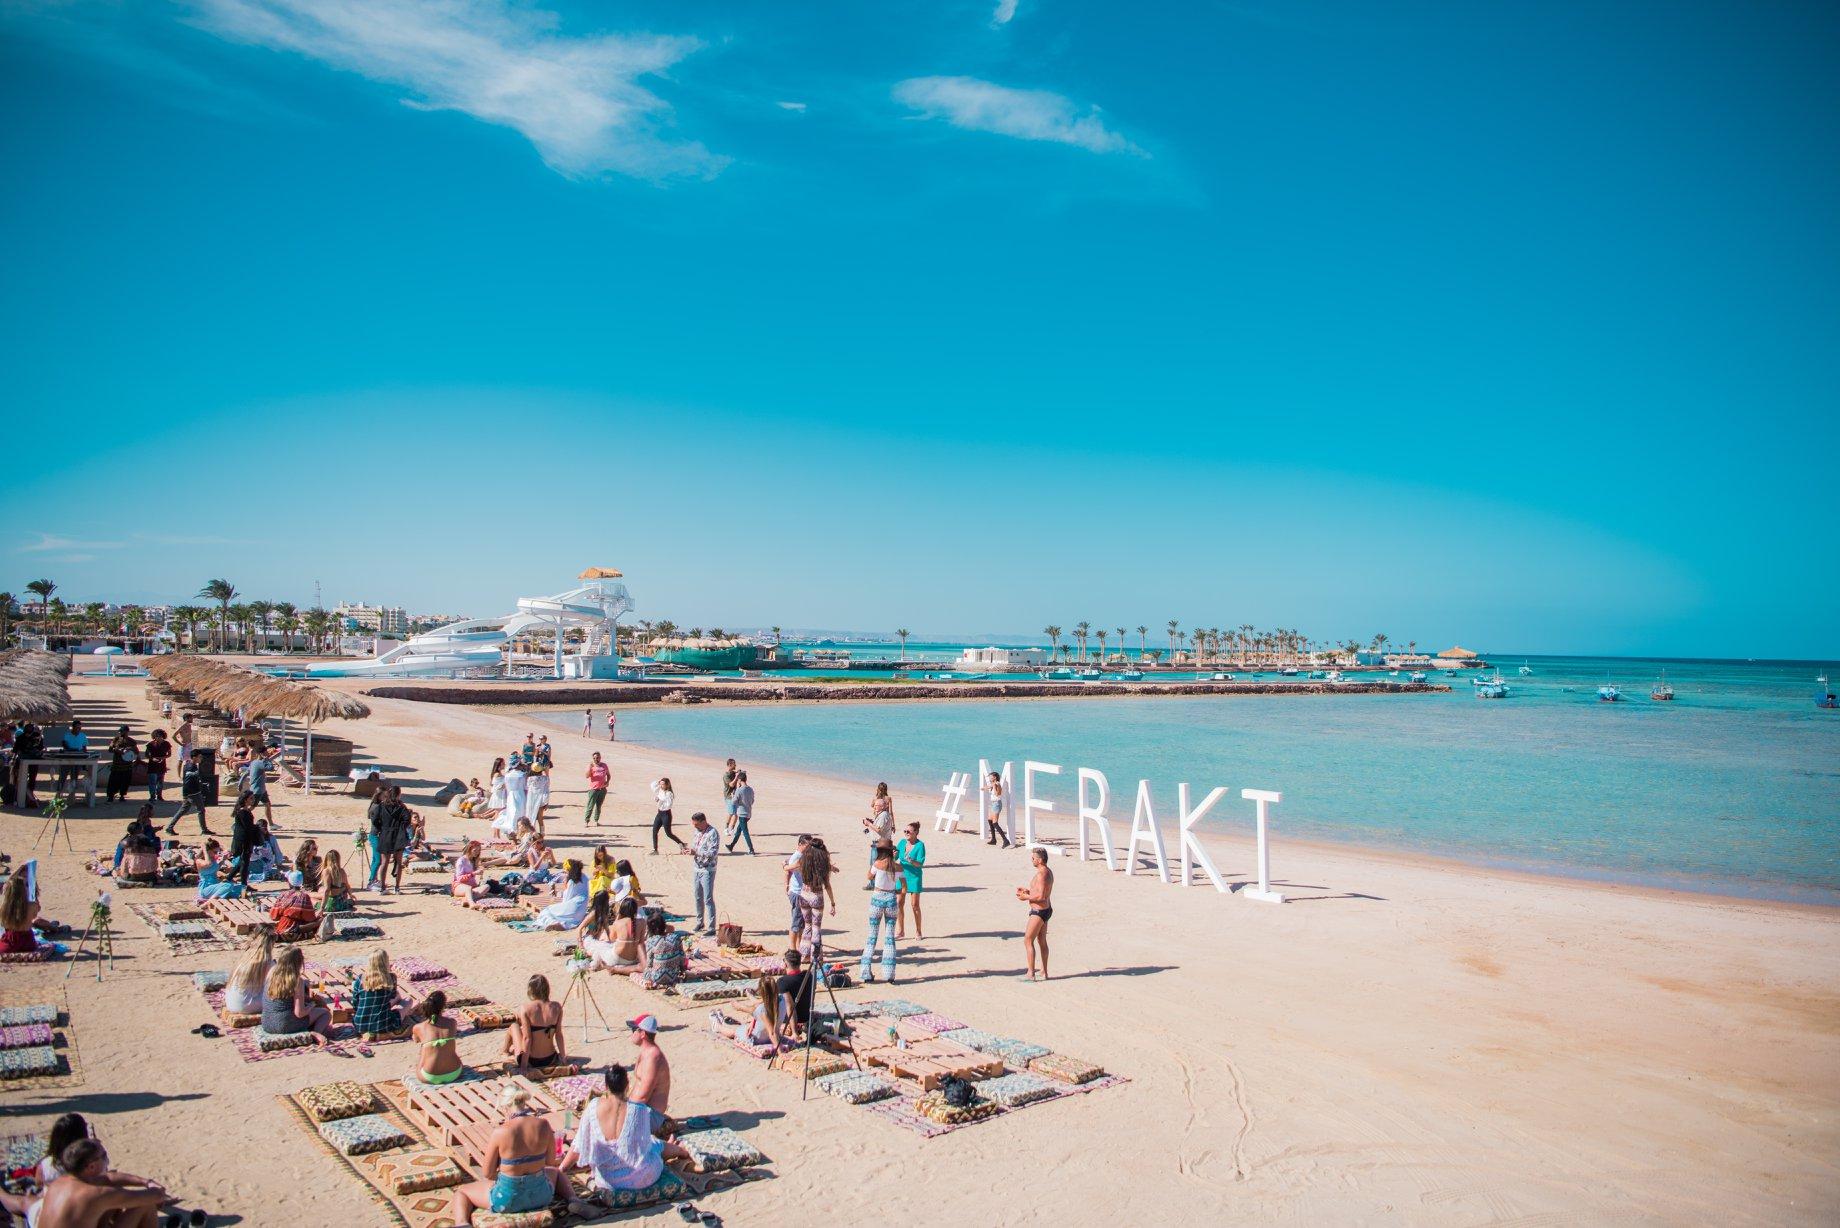 Meraki Beach Resort, Hurghada Image 2